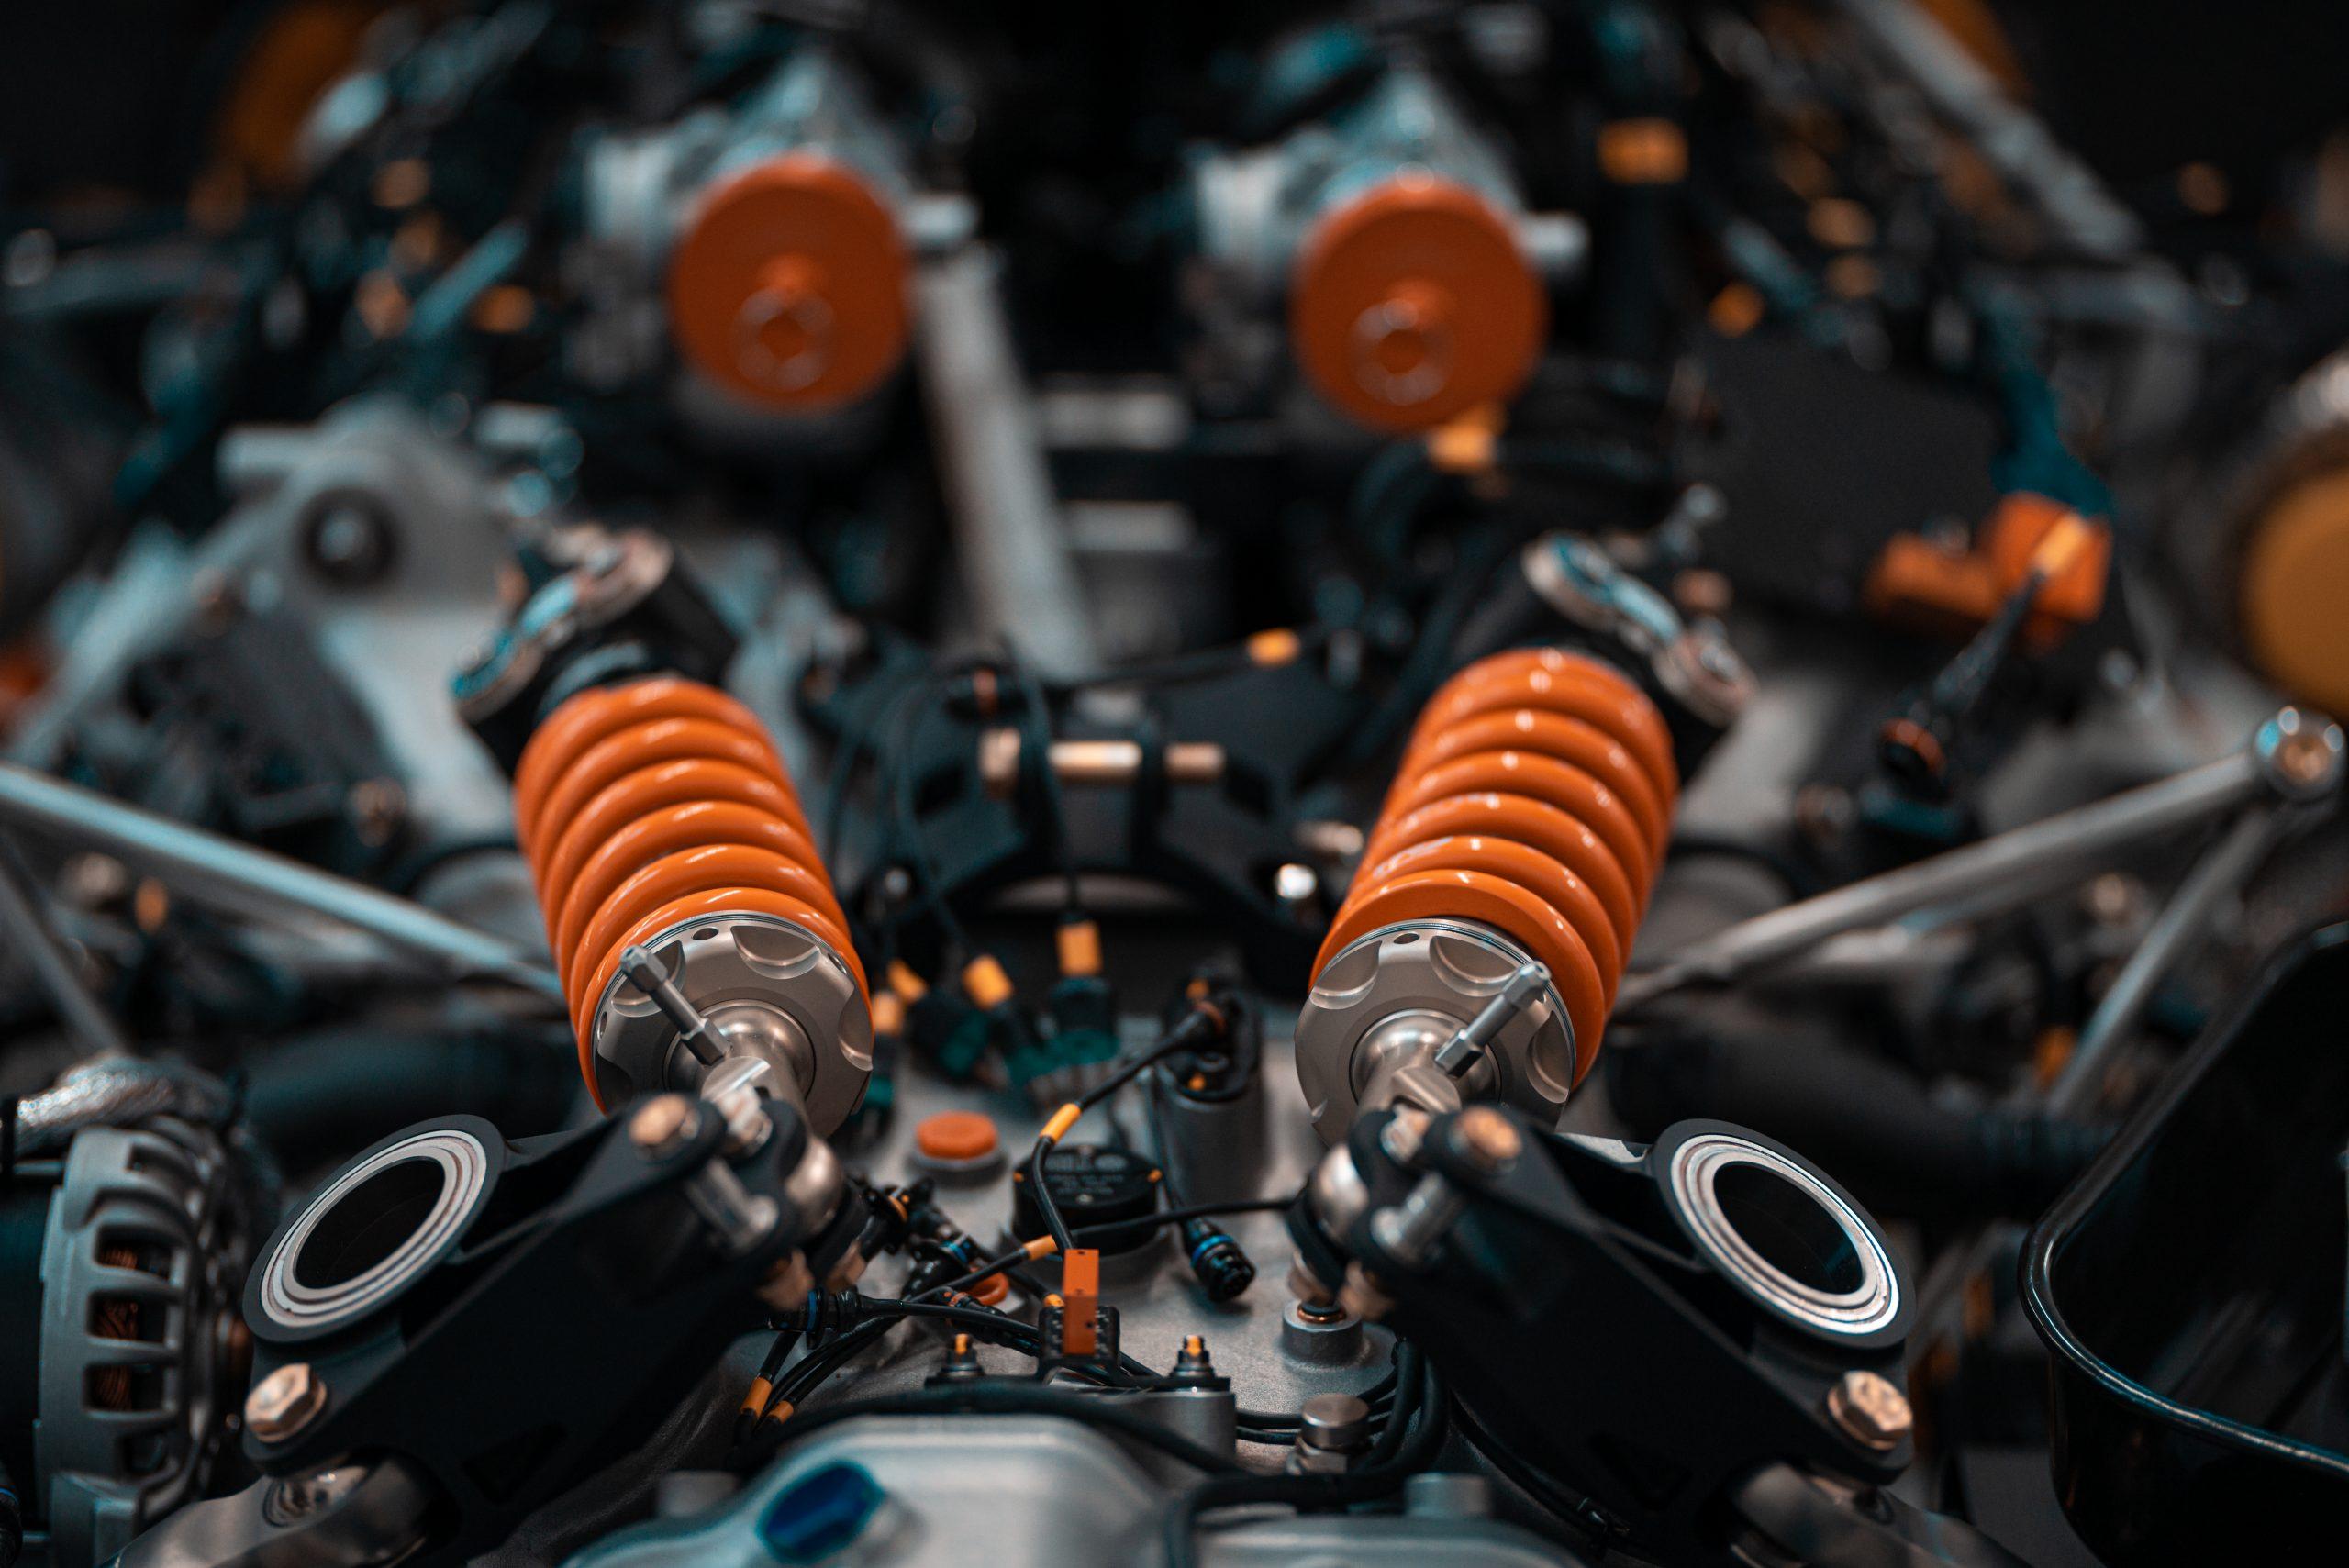 SCG Scuderia Cameron Glickenhaus 007 Hypercar LMH springs engine